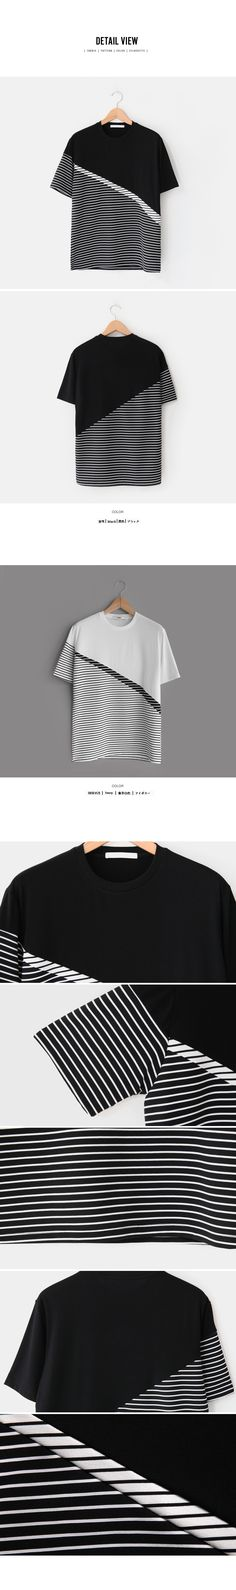 スラッシュボーダー半袖Tシャツ・全2色